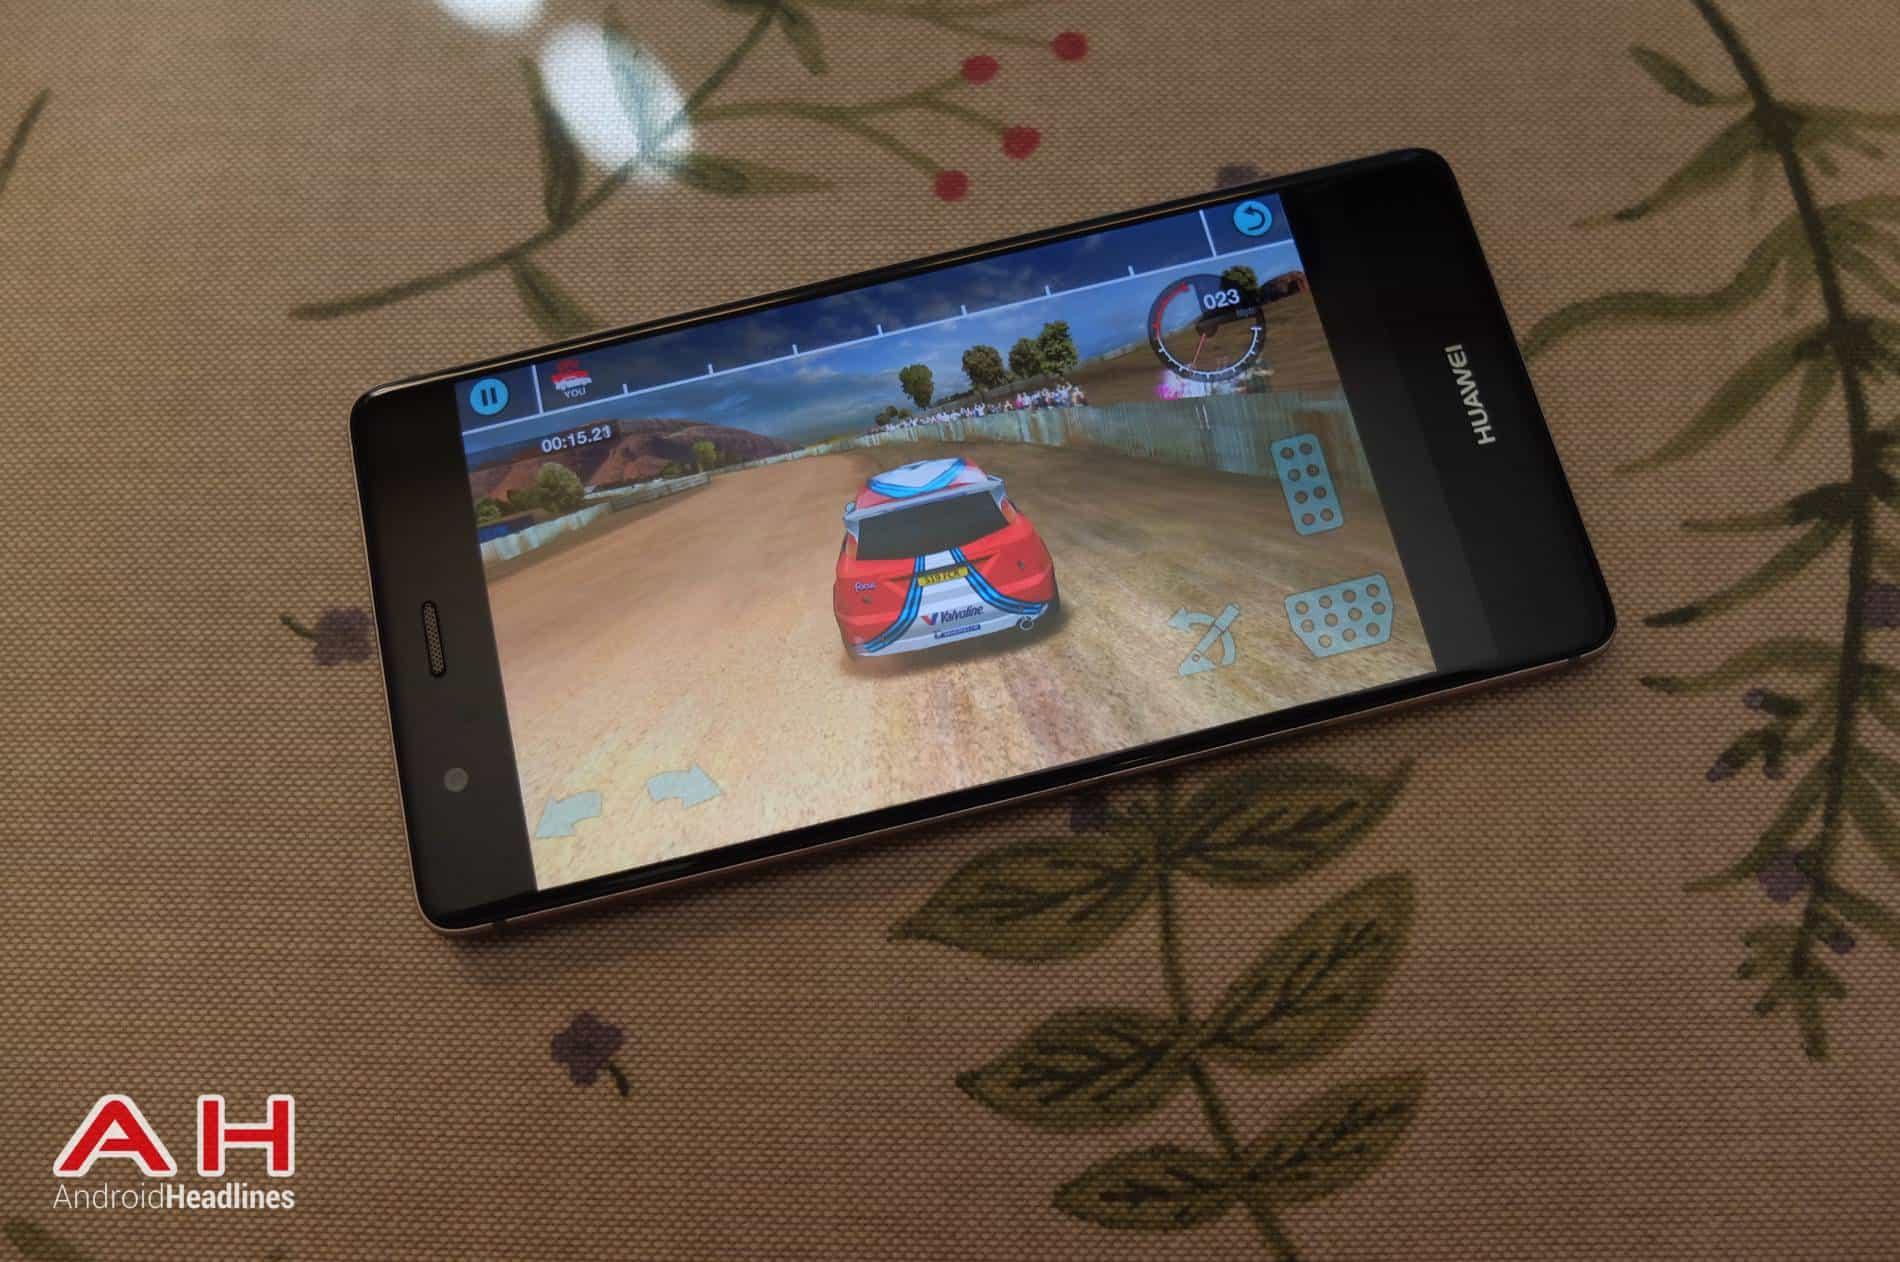 Huawei P9 Review AH 7